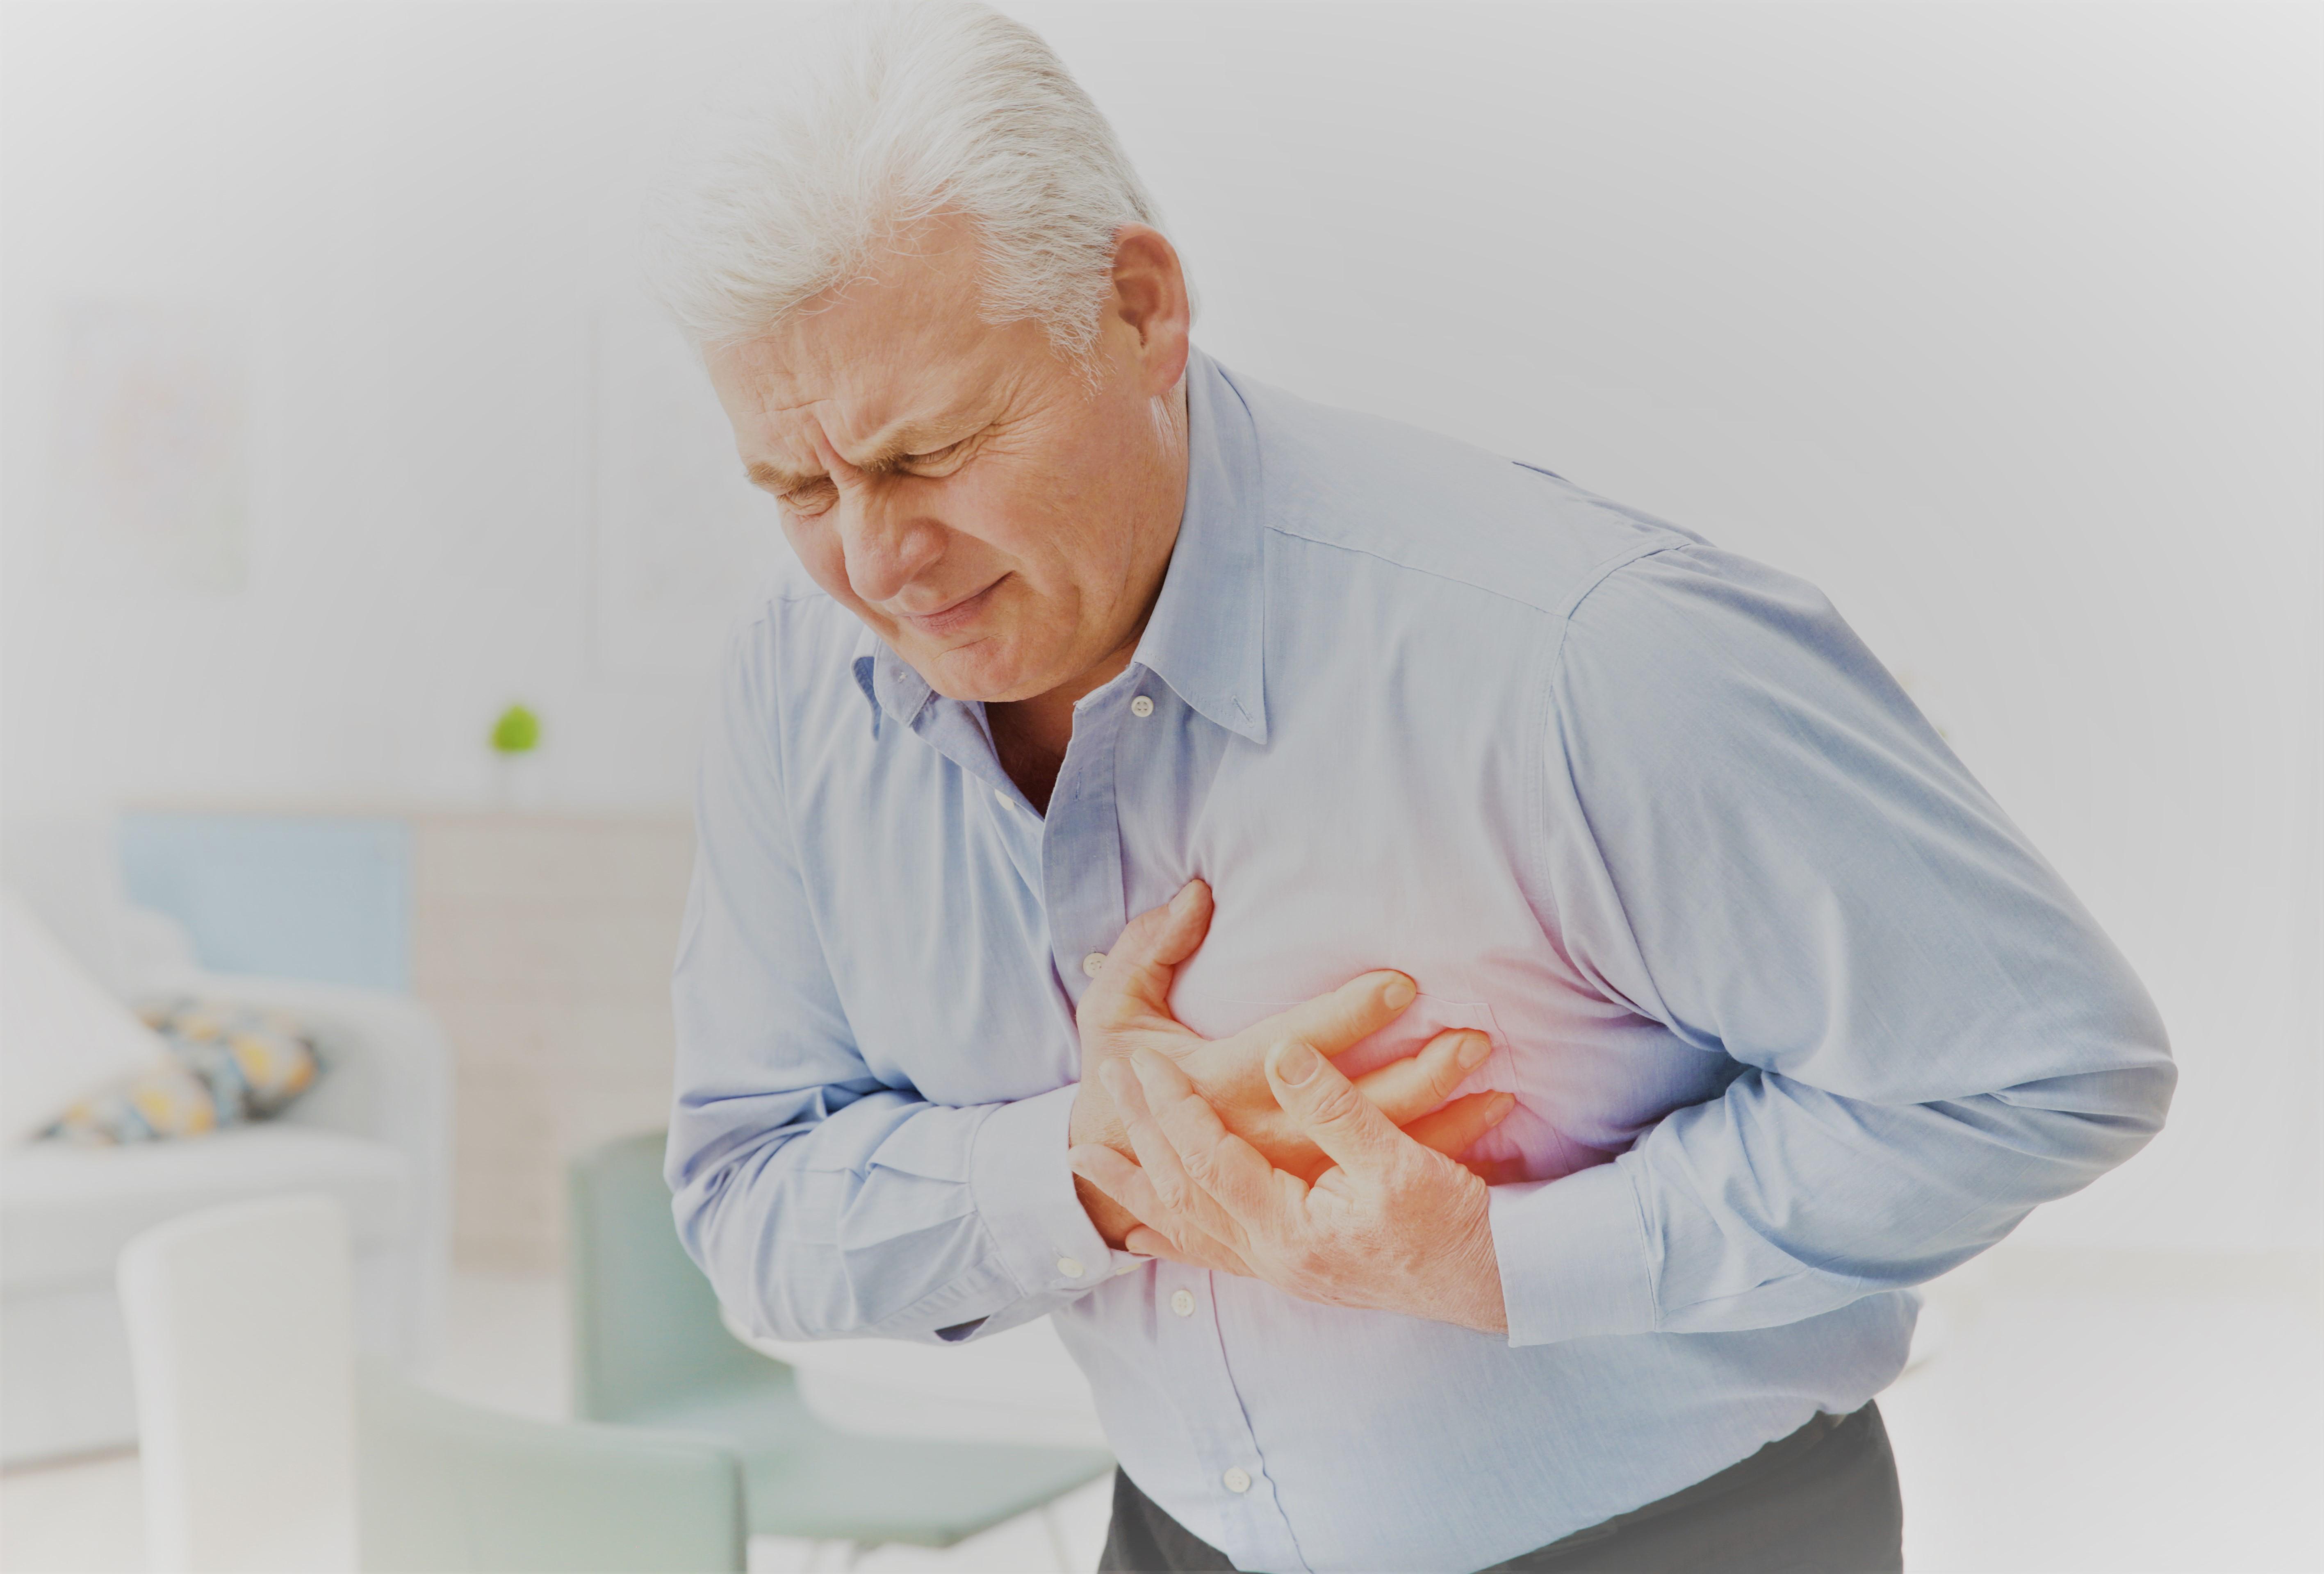 miért fáj a szív a magas vérnyomás miatt